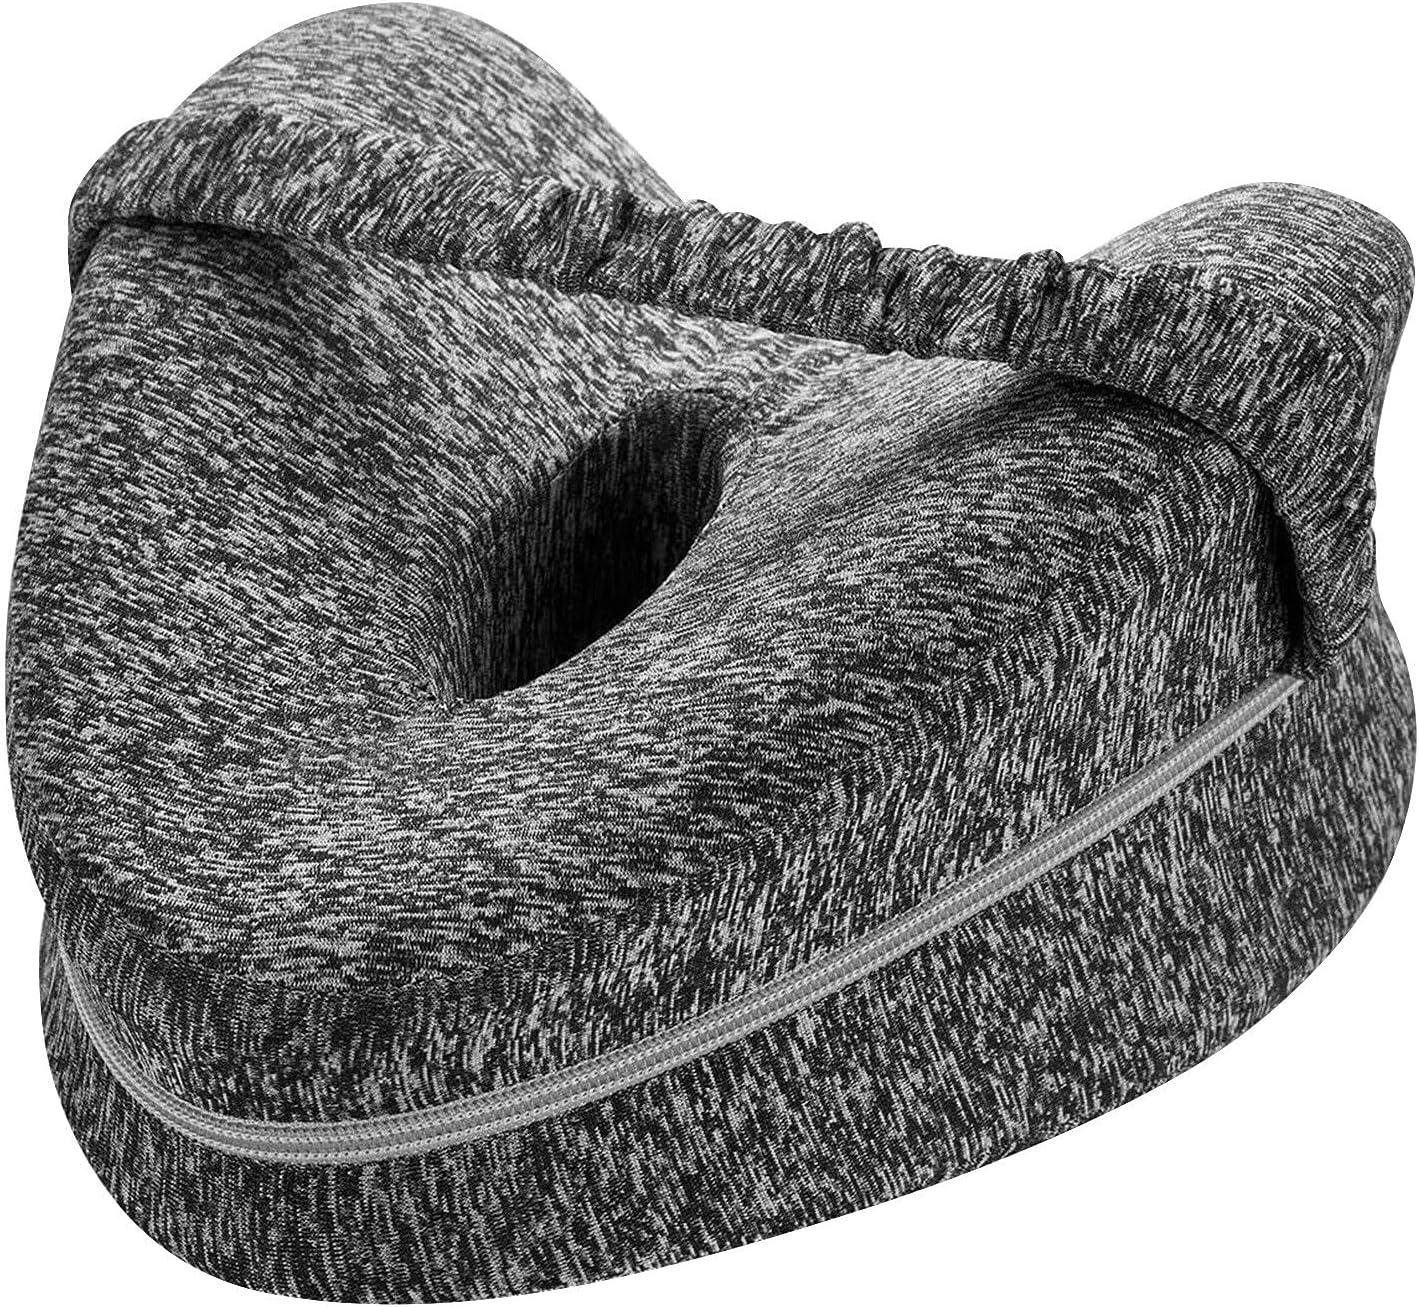 Memory Foam Contour Leg Knee Support Pillow Popular standard Pain ...